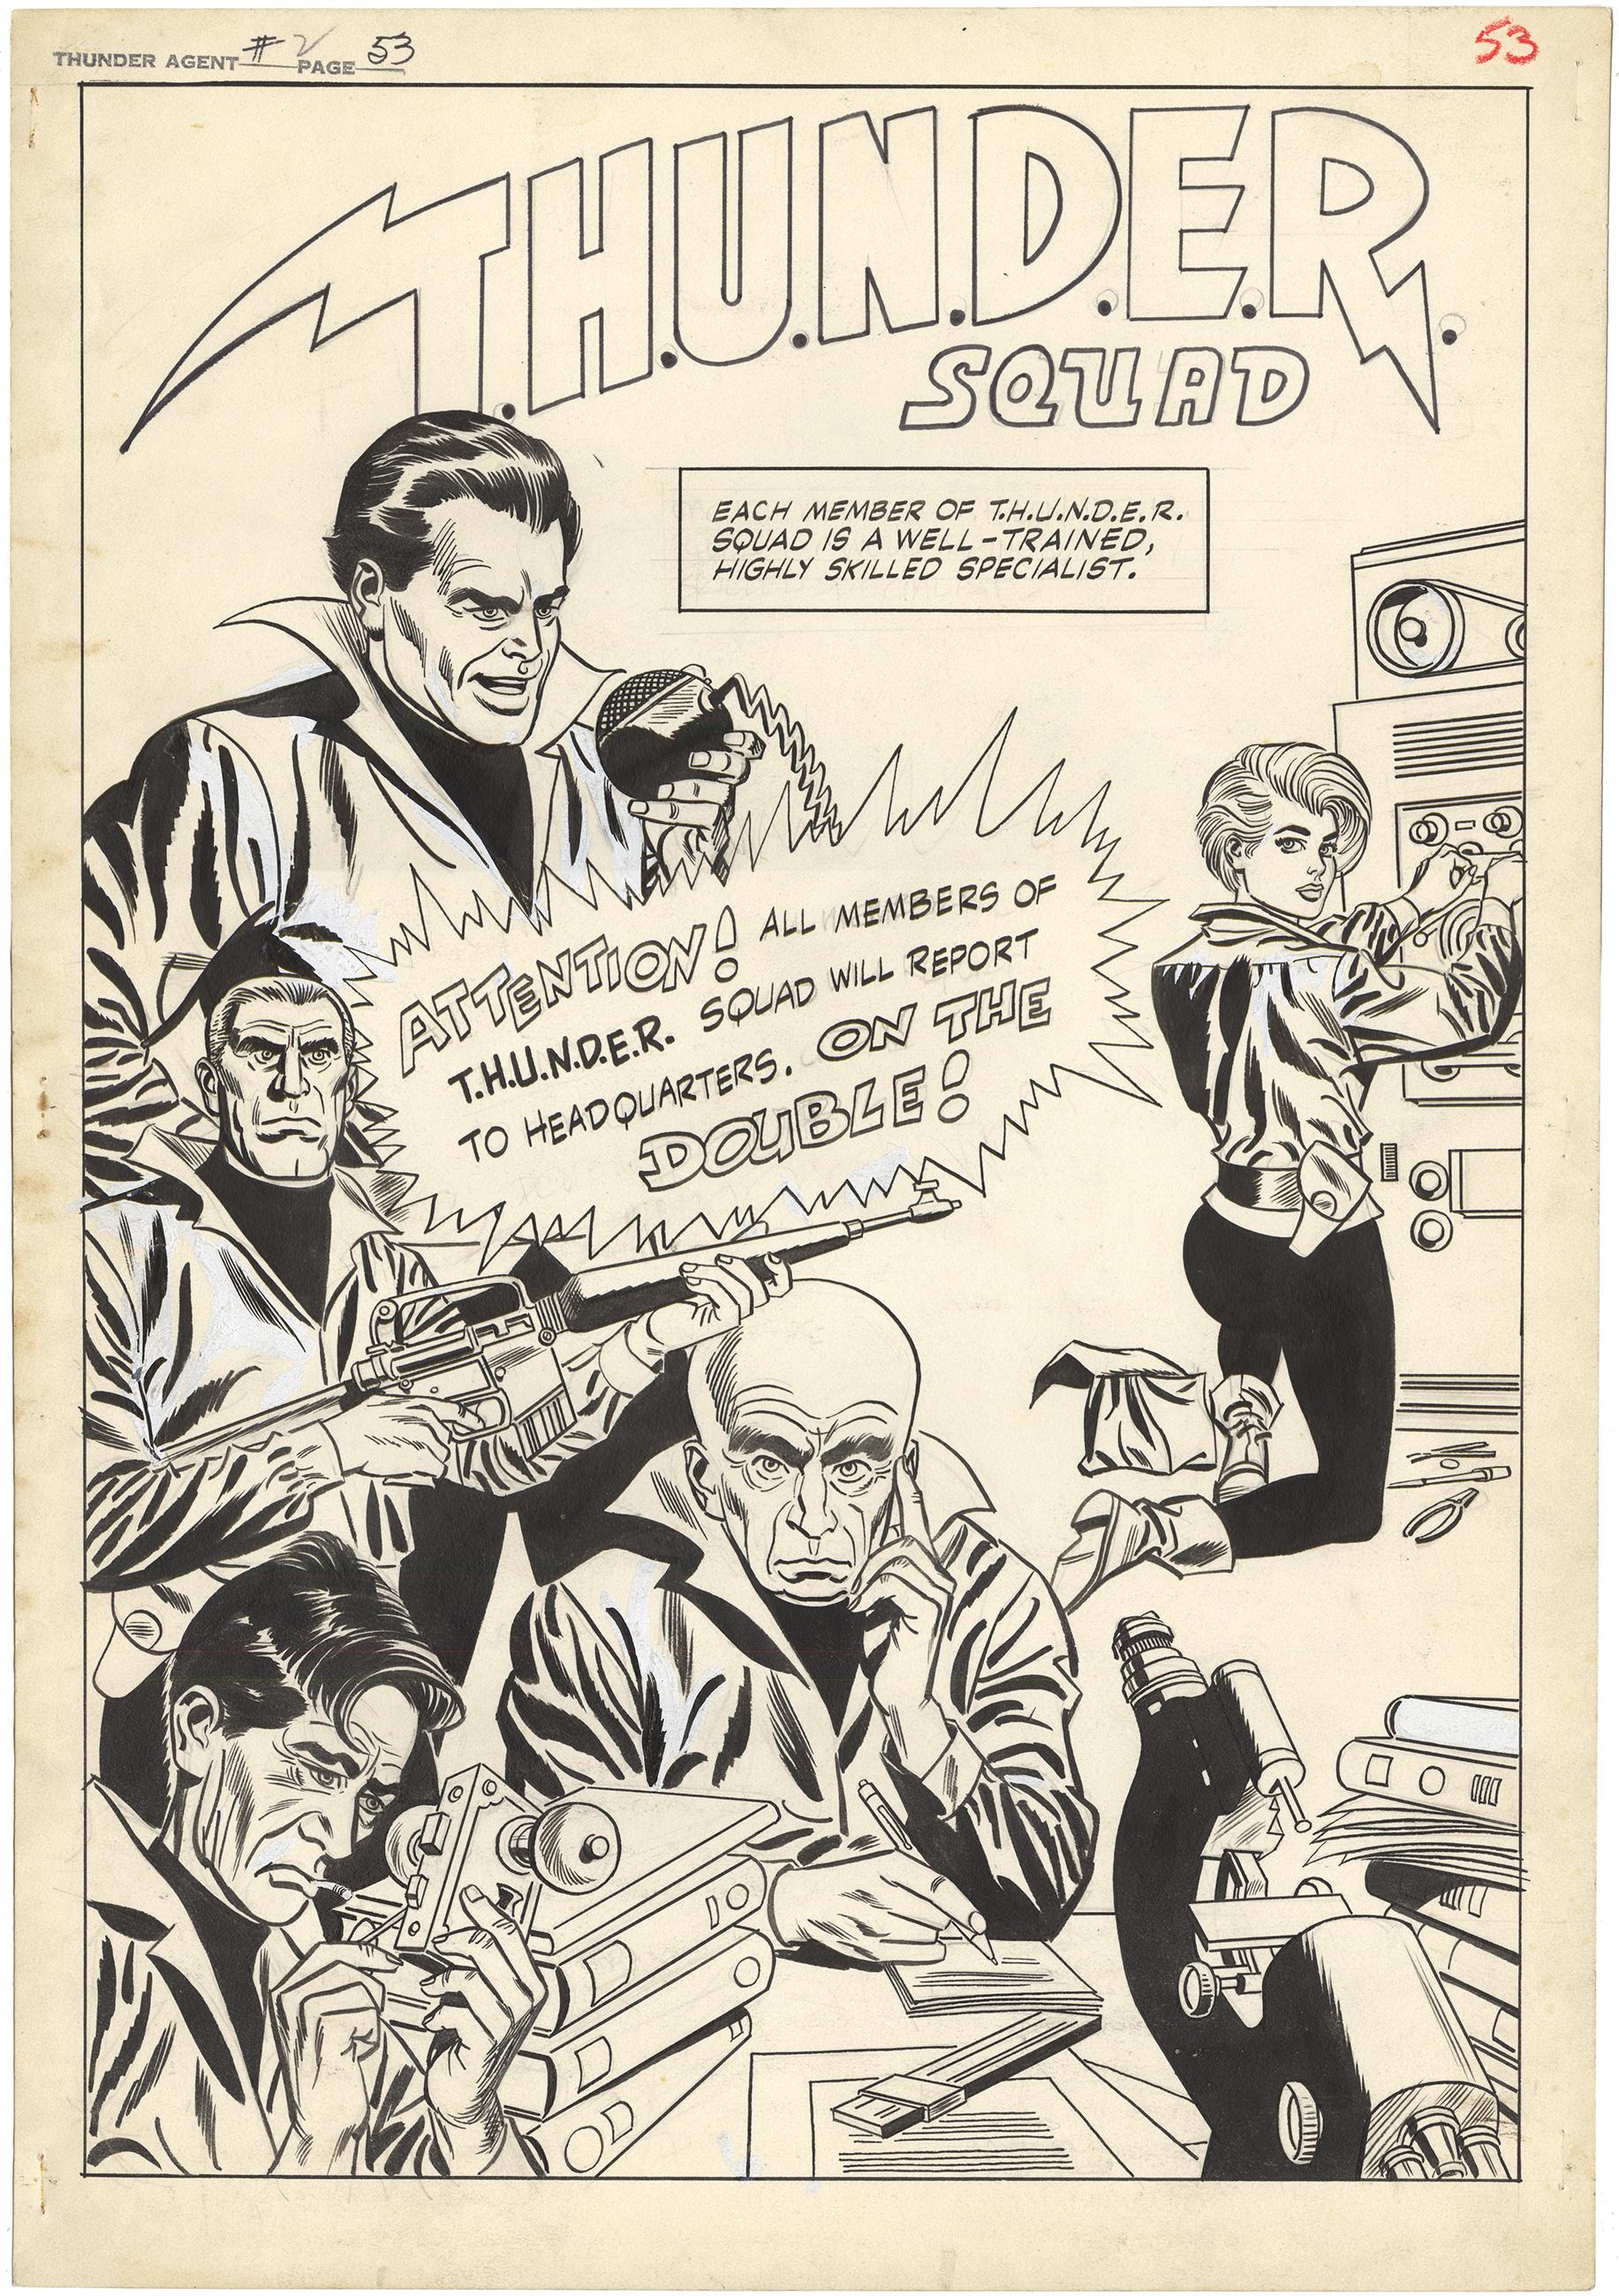 THUNDER Agents #2 p53 (Large Art)